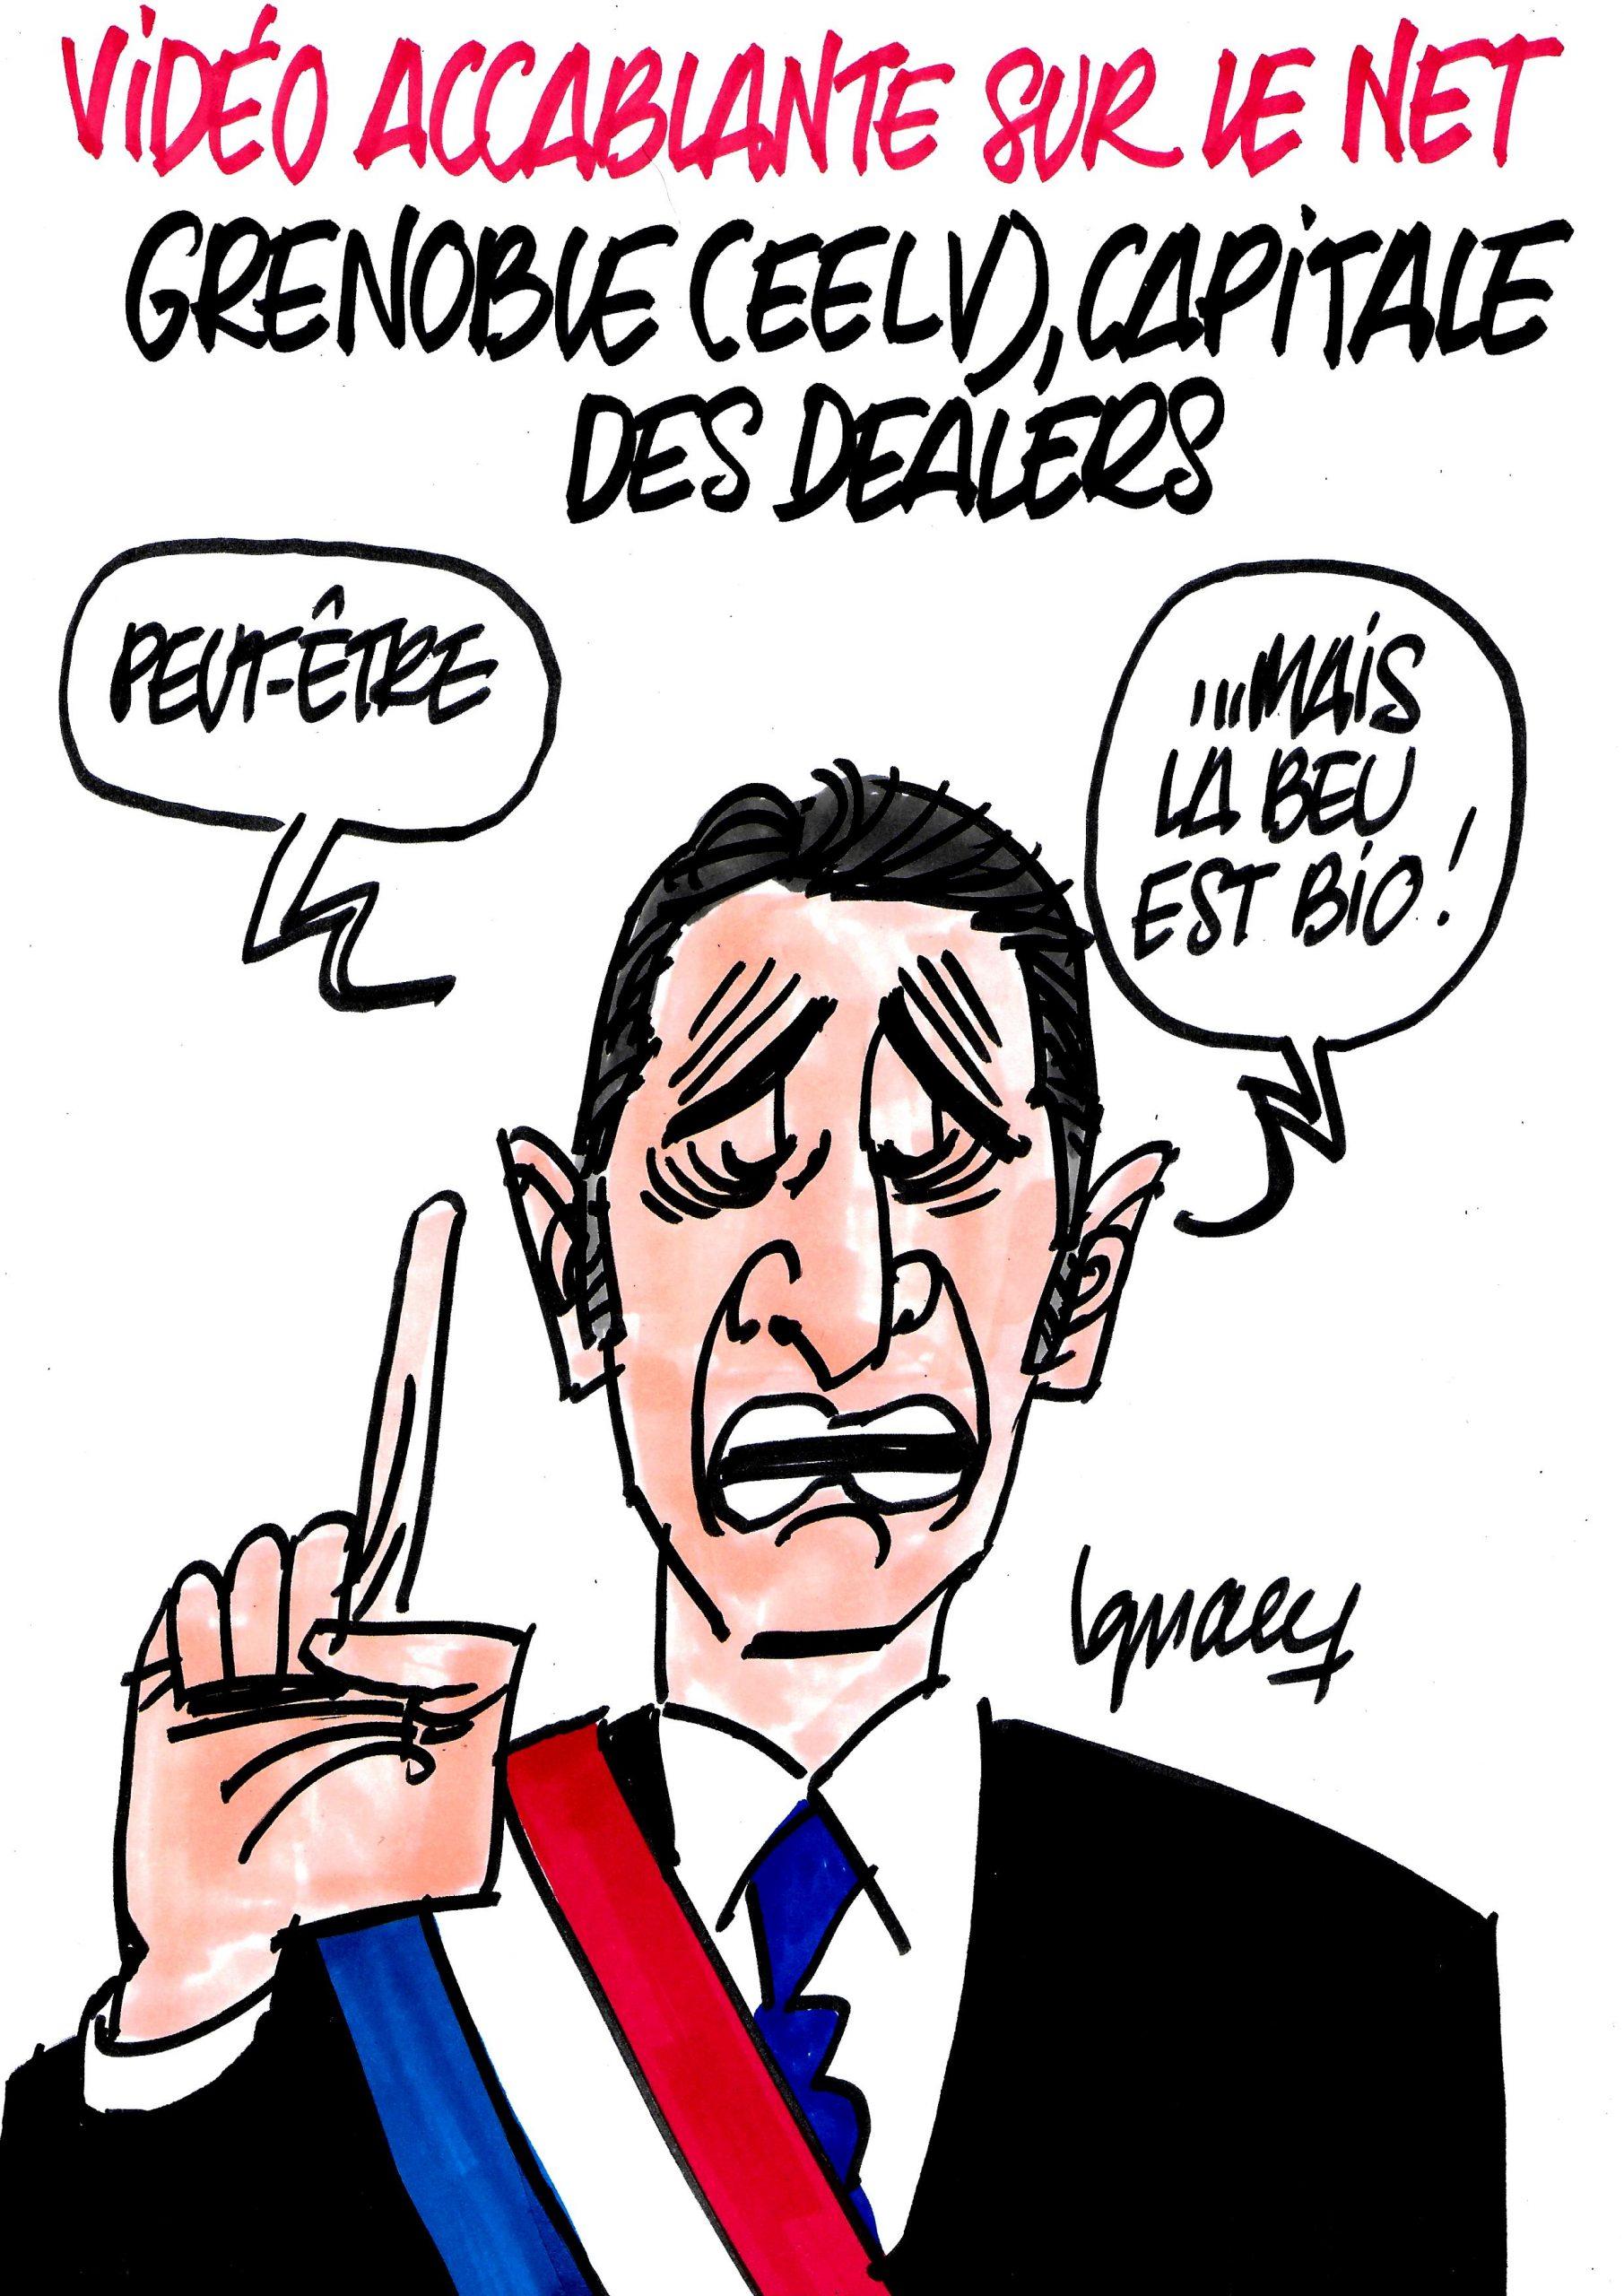 Ignace - Vidéo d'un gang de dealers à Grenoble